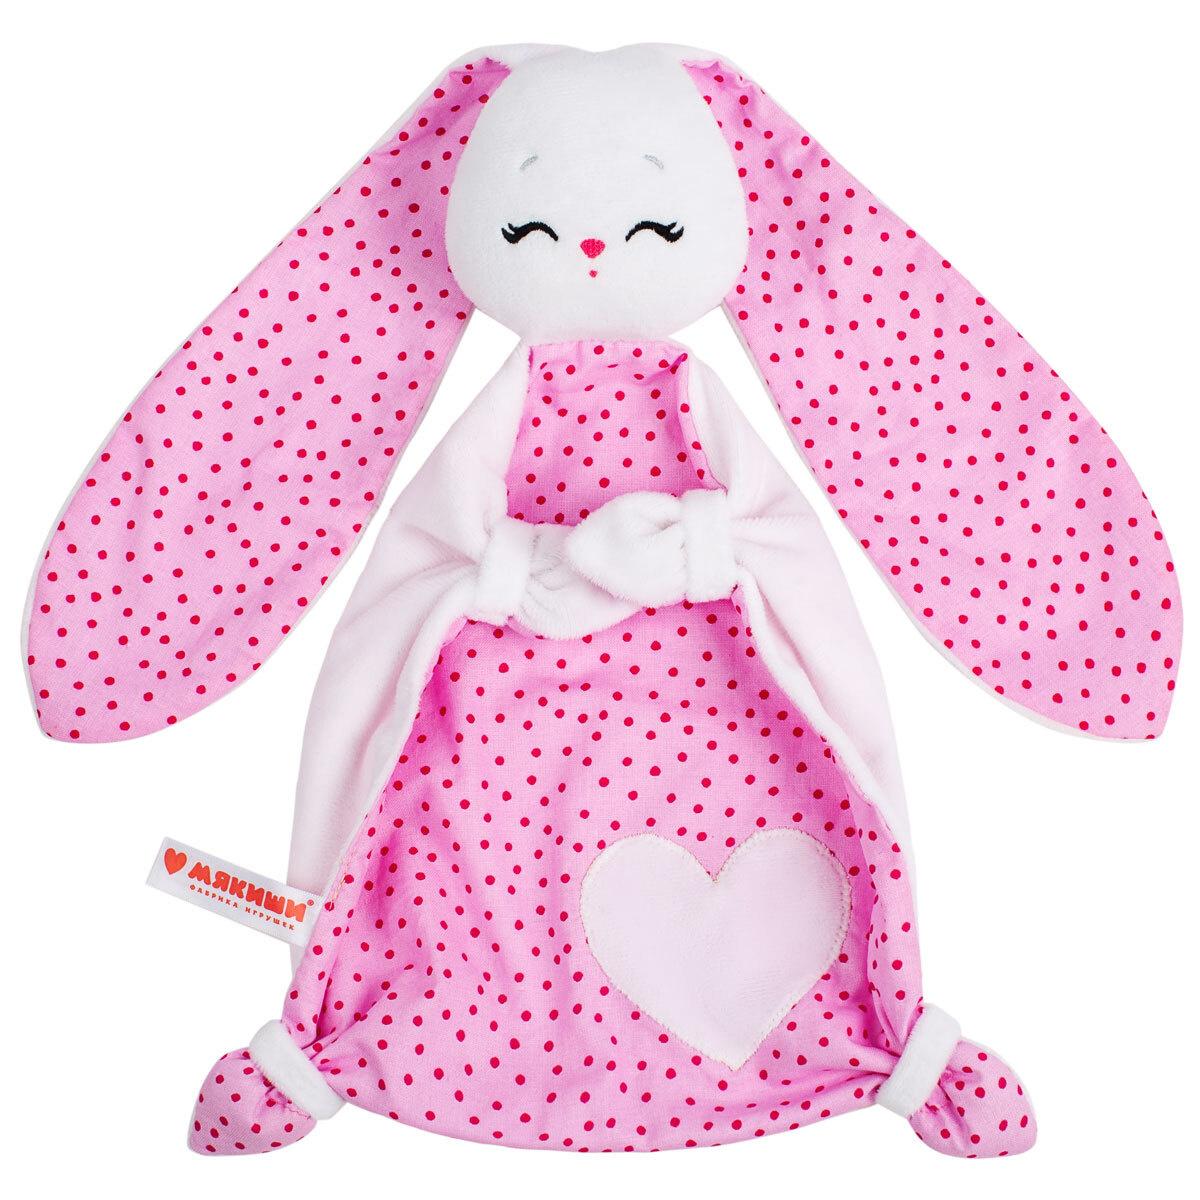 Игрушка комфортер для самых маленьких, Зайка Банни, Мякиши  #1